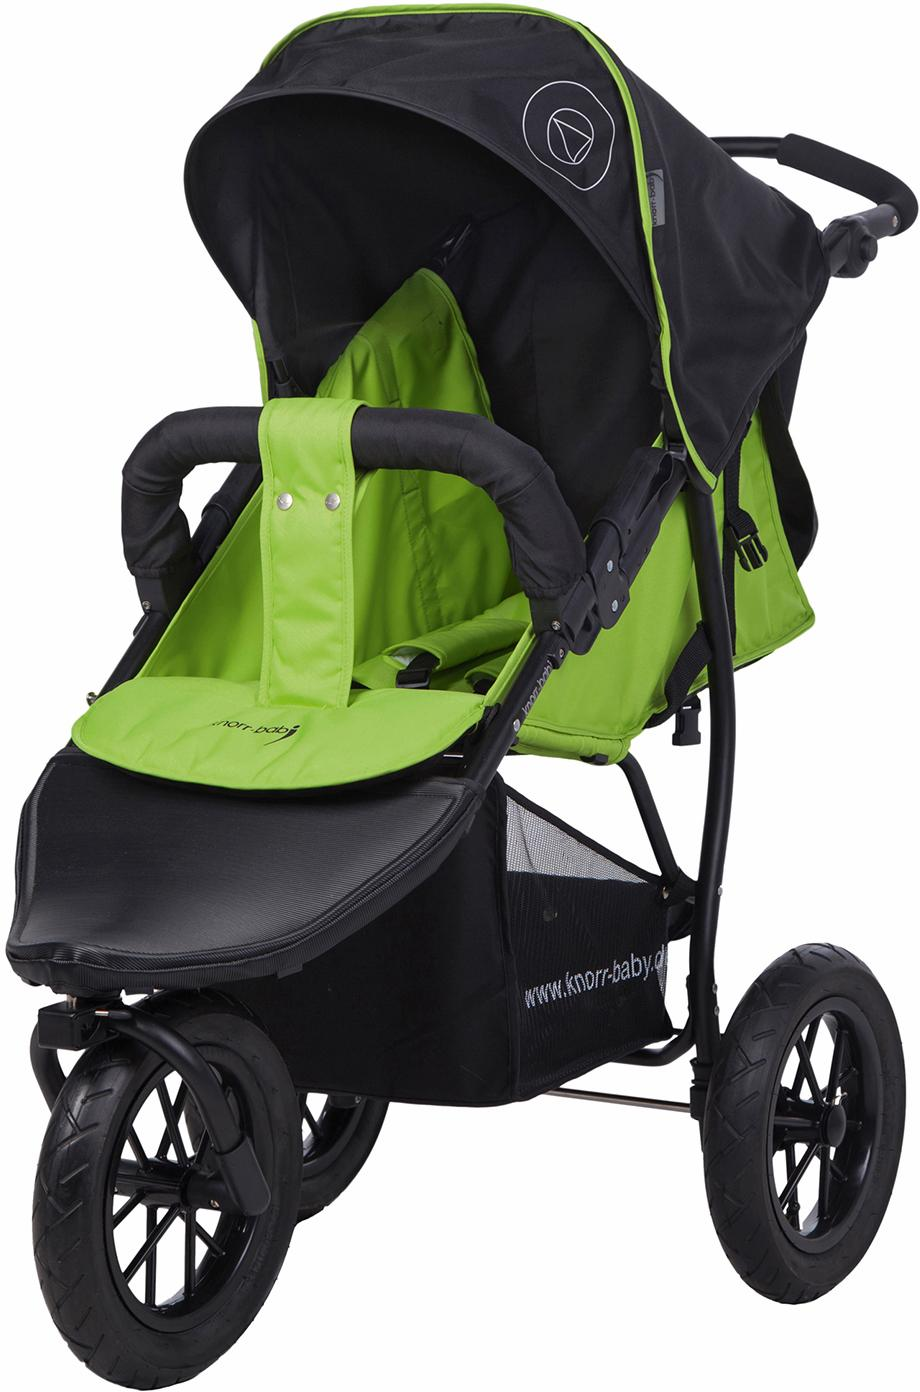 """Knorrbaby Jogger-Kinderwagen """"Joggy S Happy Colour grün"""" Kindermode/Ausstattung/Kinderwagen & Buggies/Kinderwagen/Jogger-Kinderwagen"""